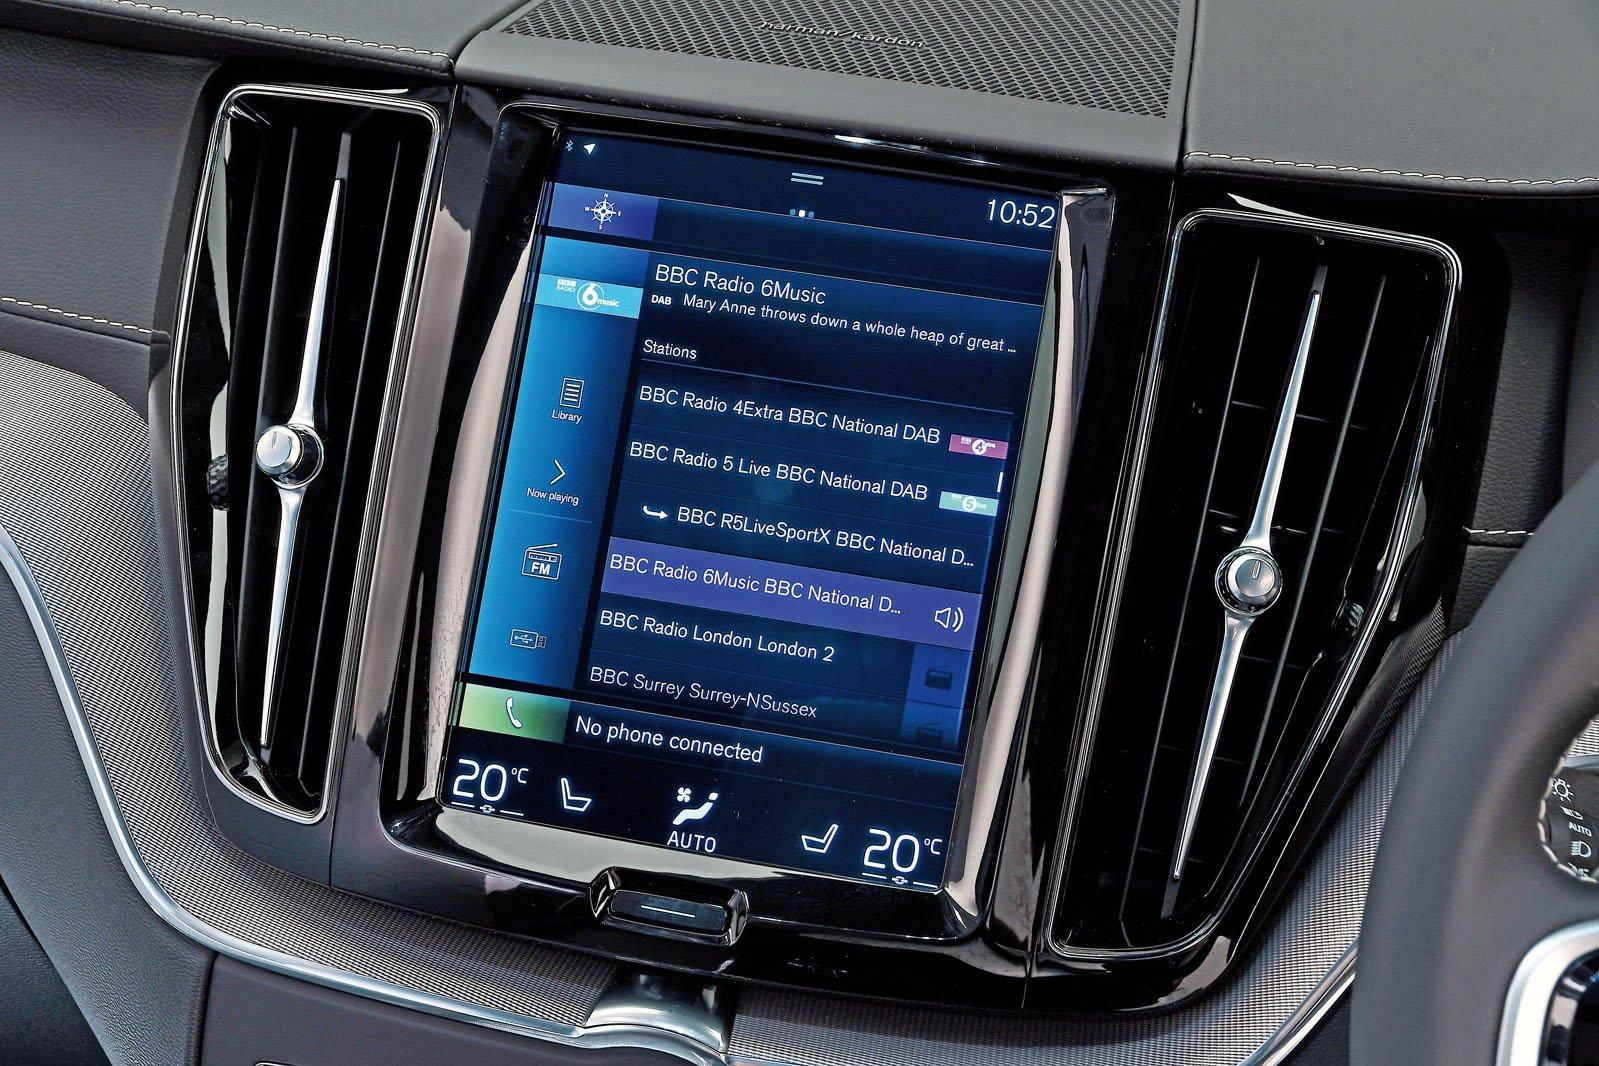 Volvo XC60 infotainment